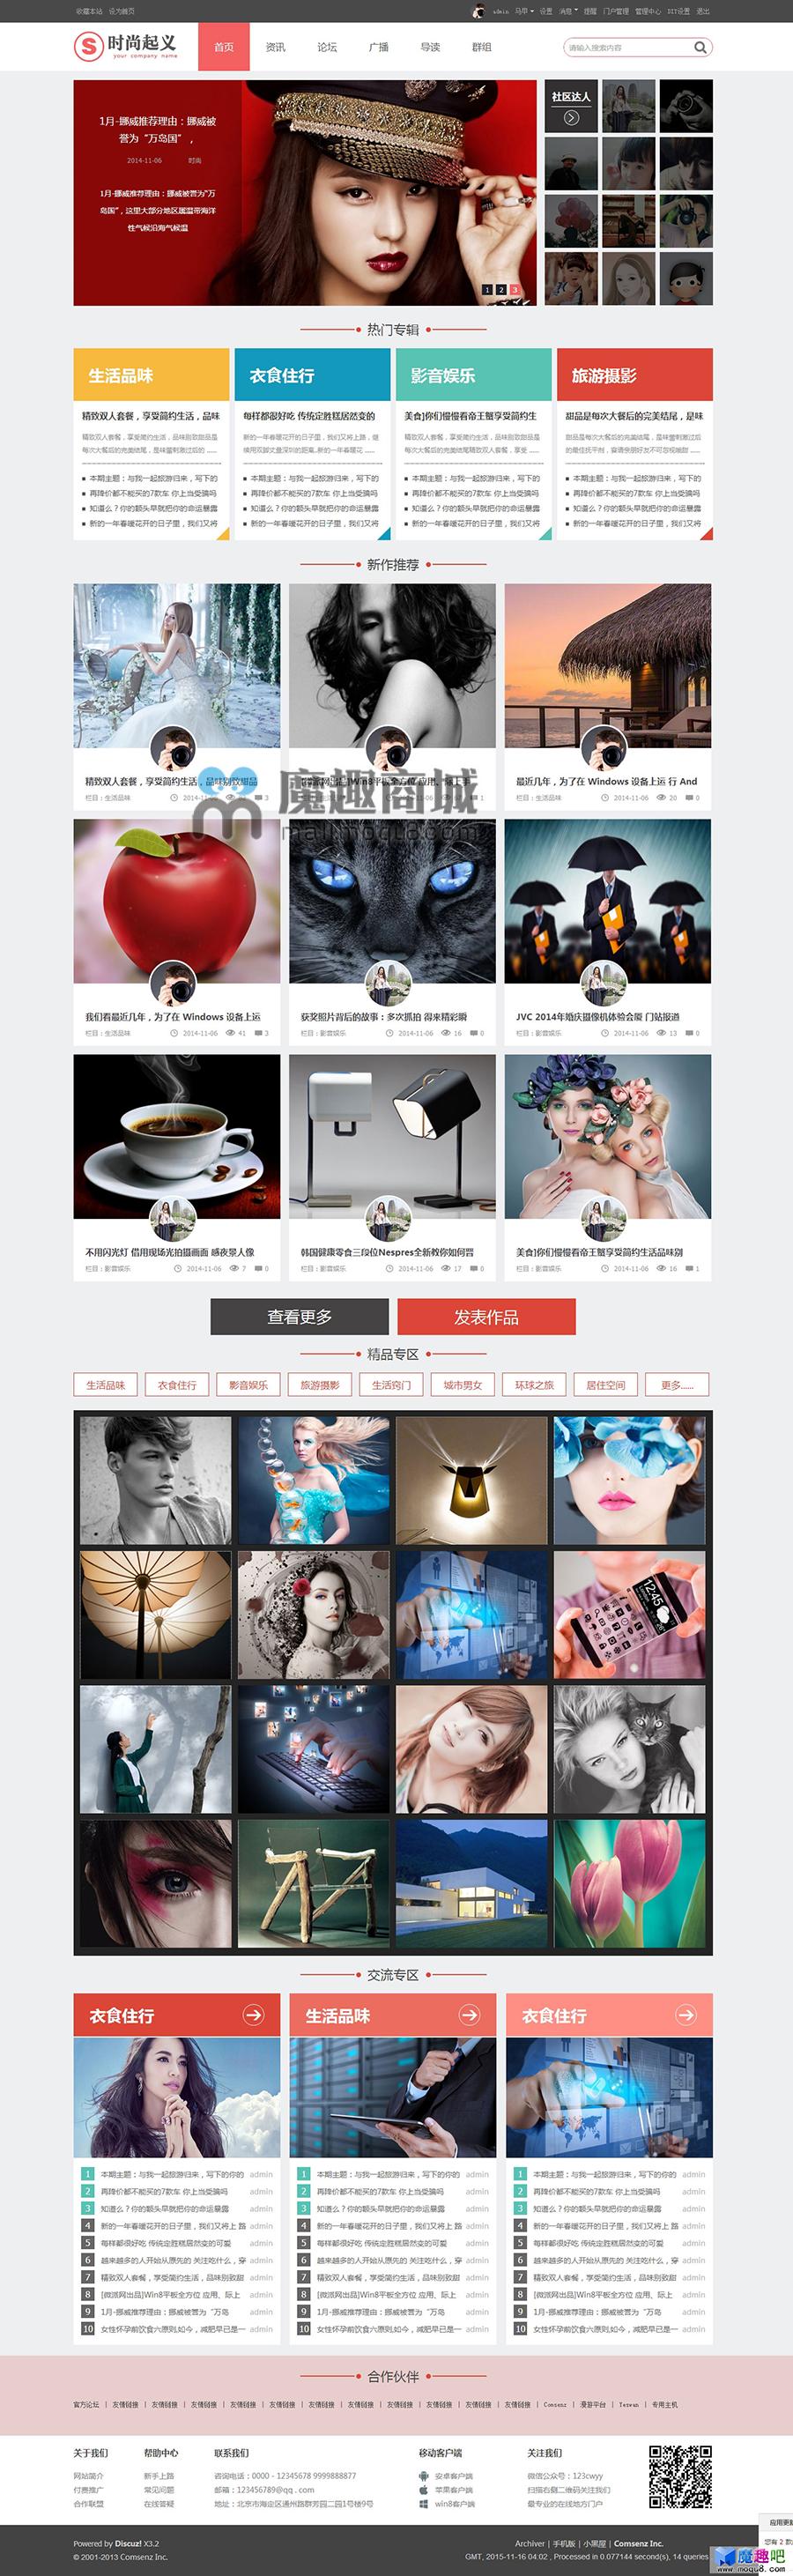 时尚图片摄影站风格模板GBK+UTF8